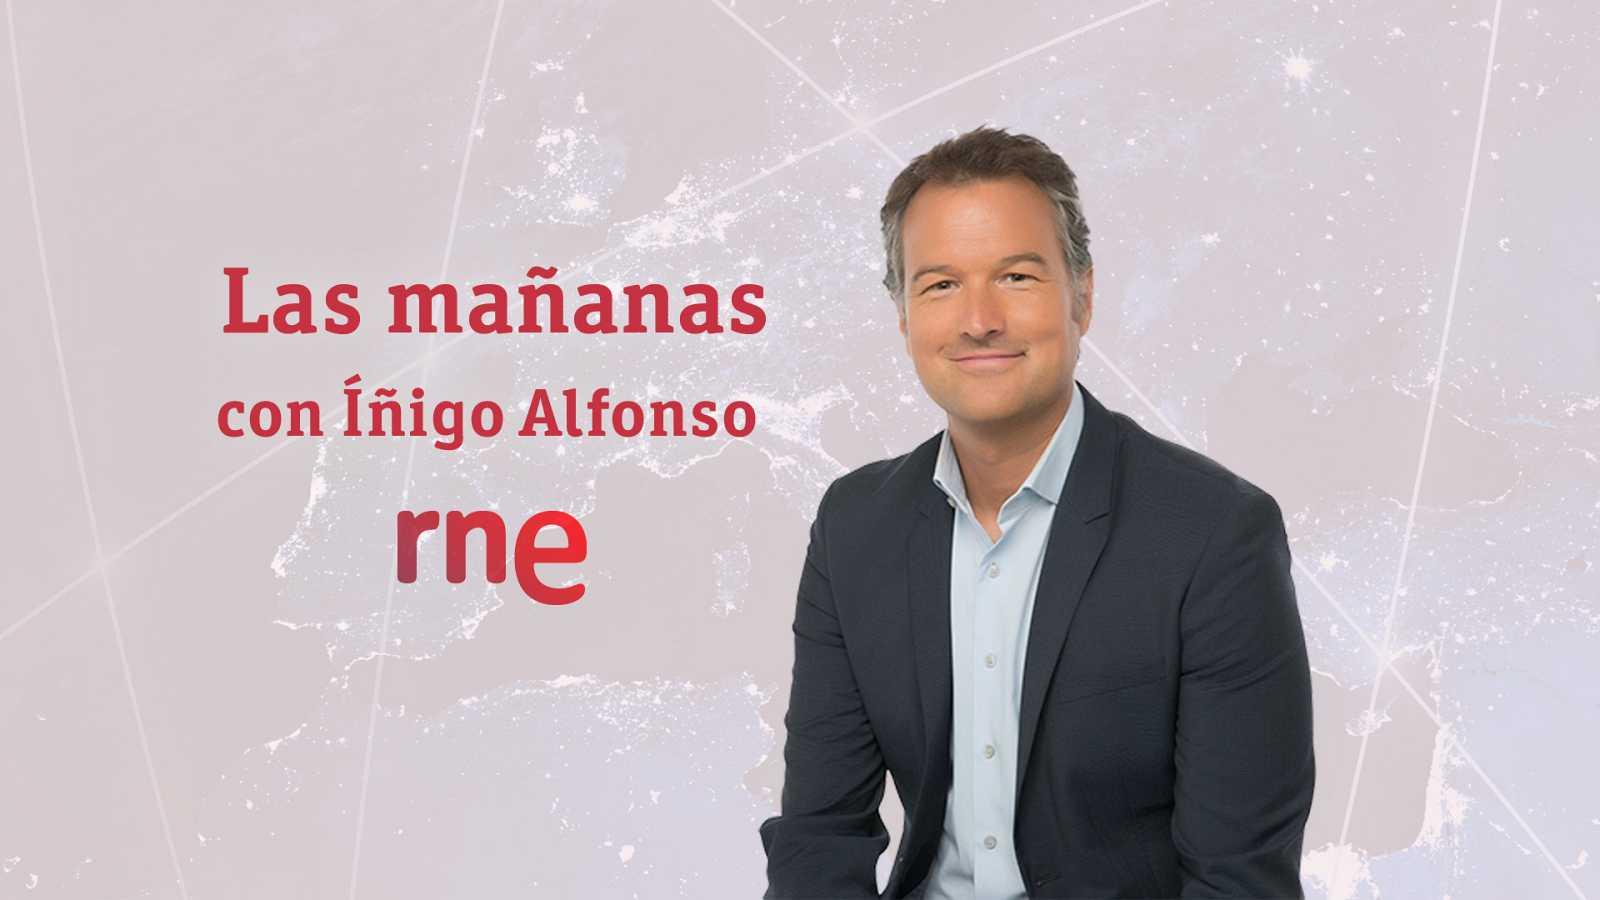 Las mañanas de RNE con Íñigo Alfonso - Segunda hora - 26/01/21 - escuchar ahora